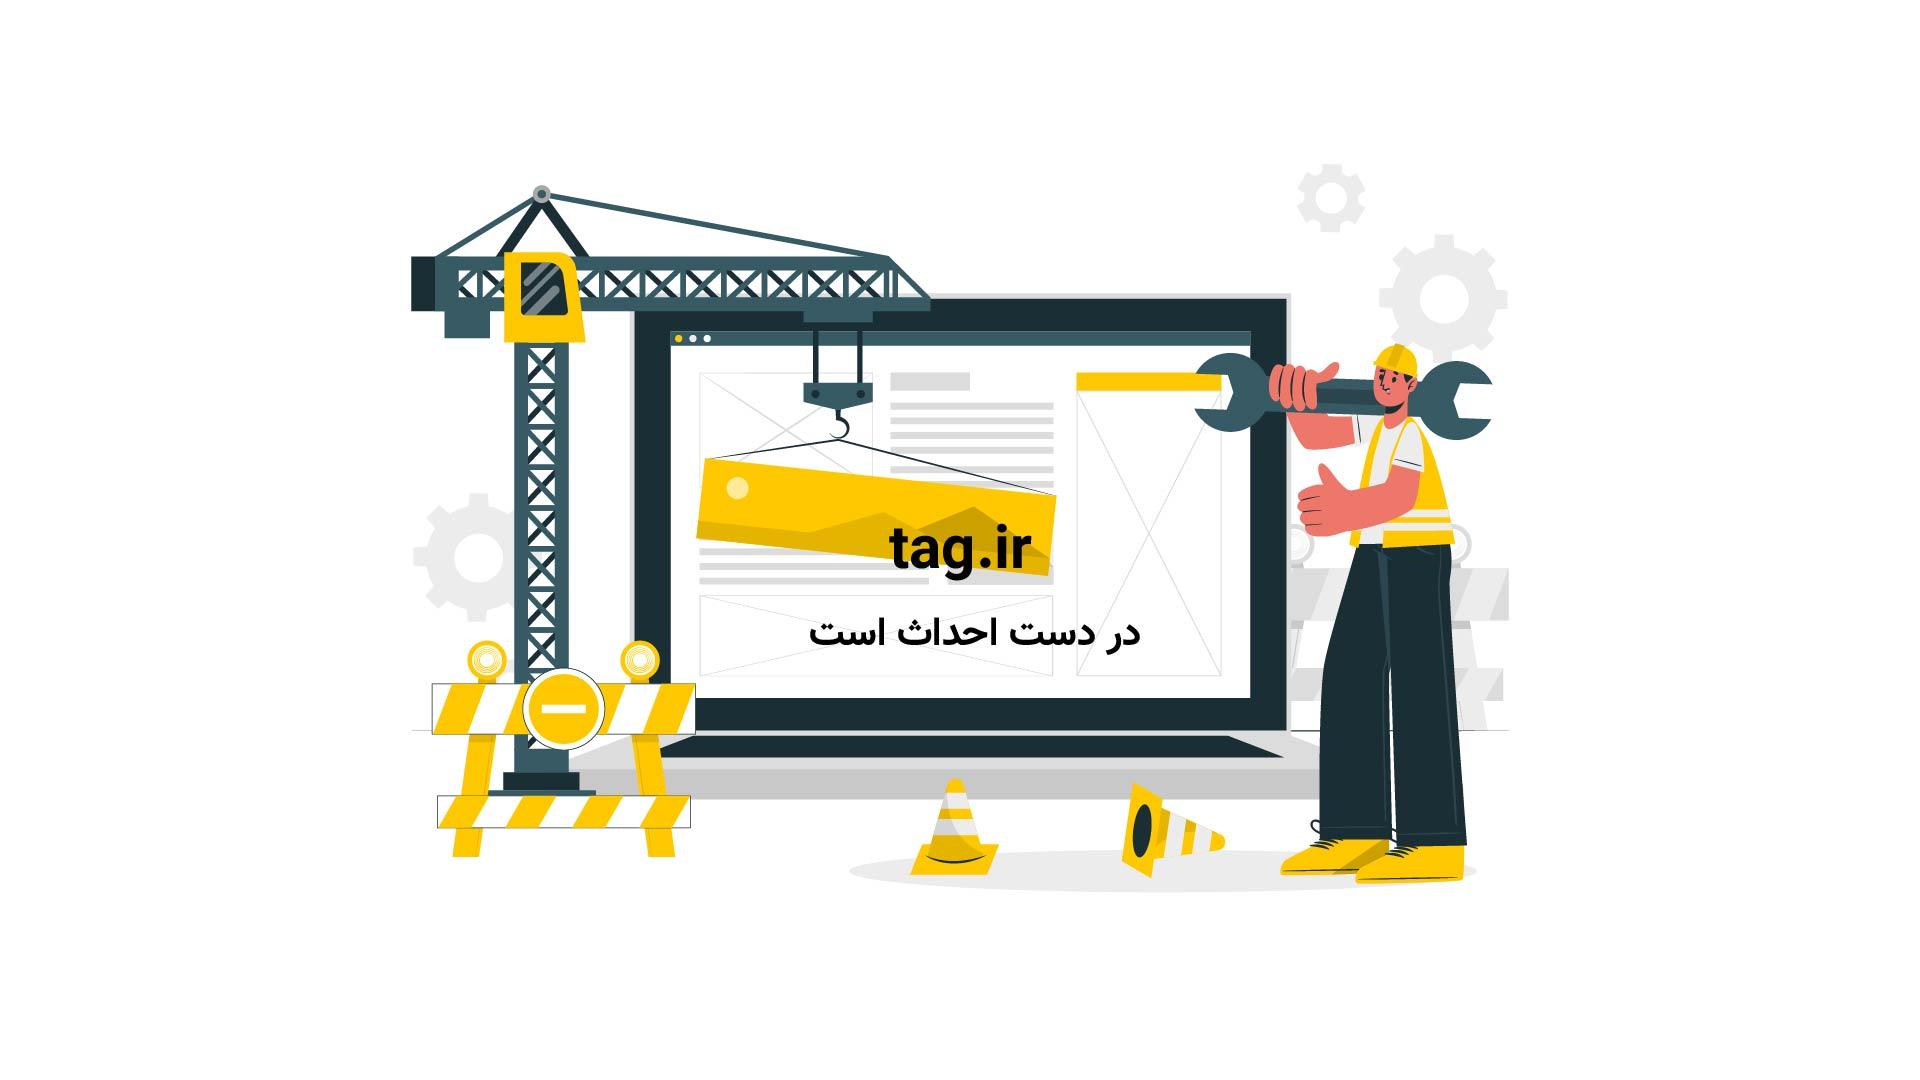 دورن خانۀ جدید اوباما